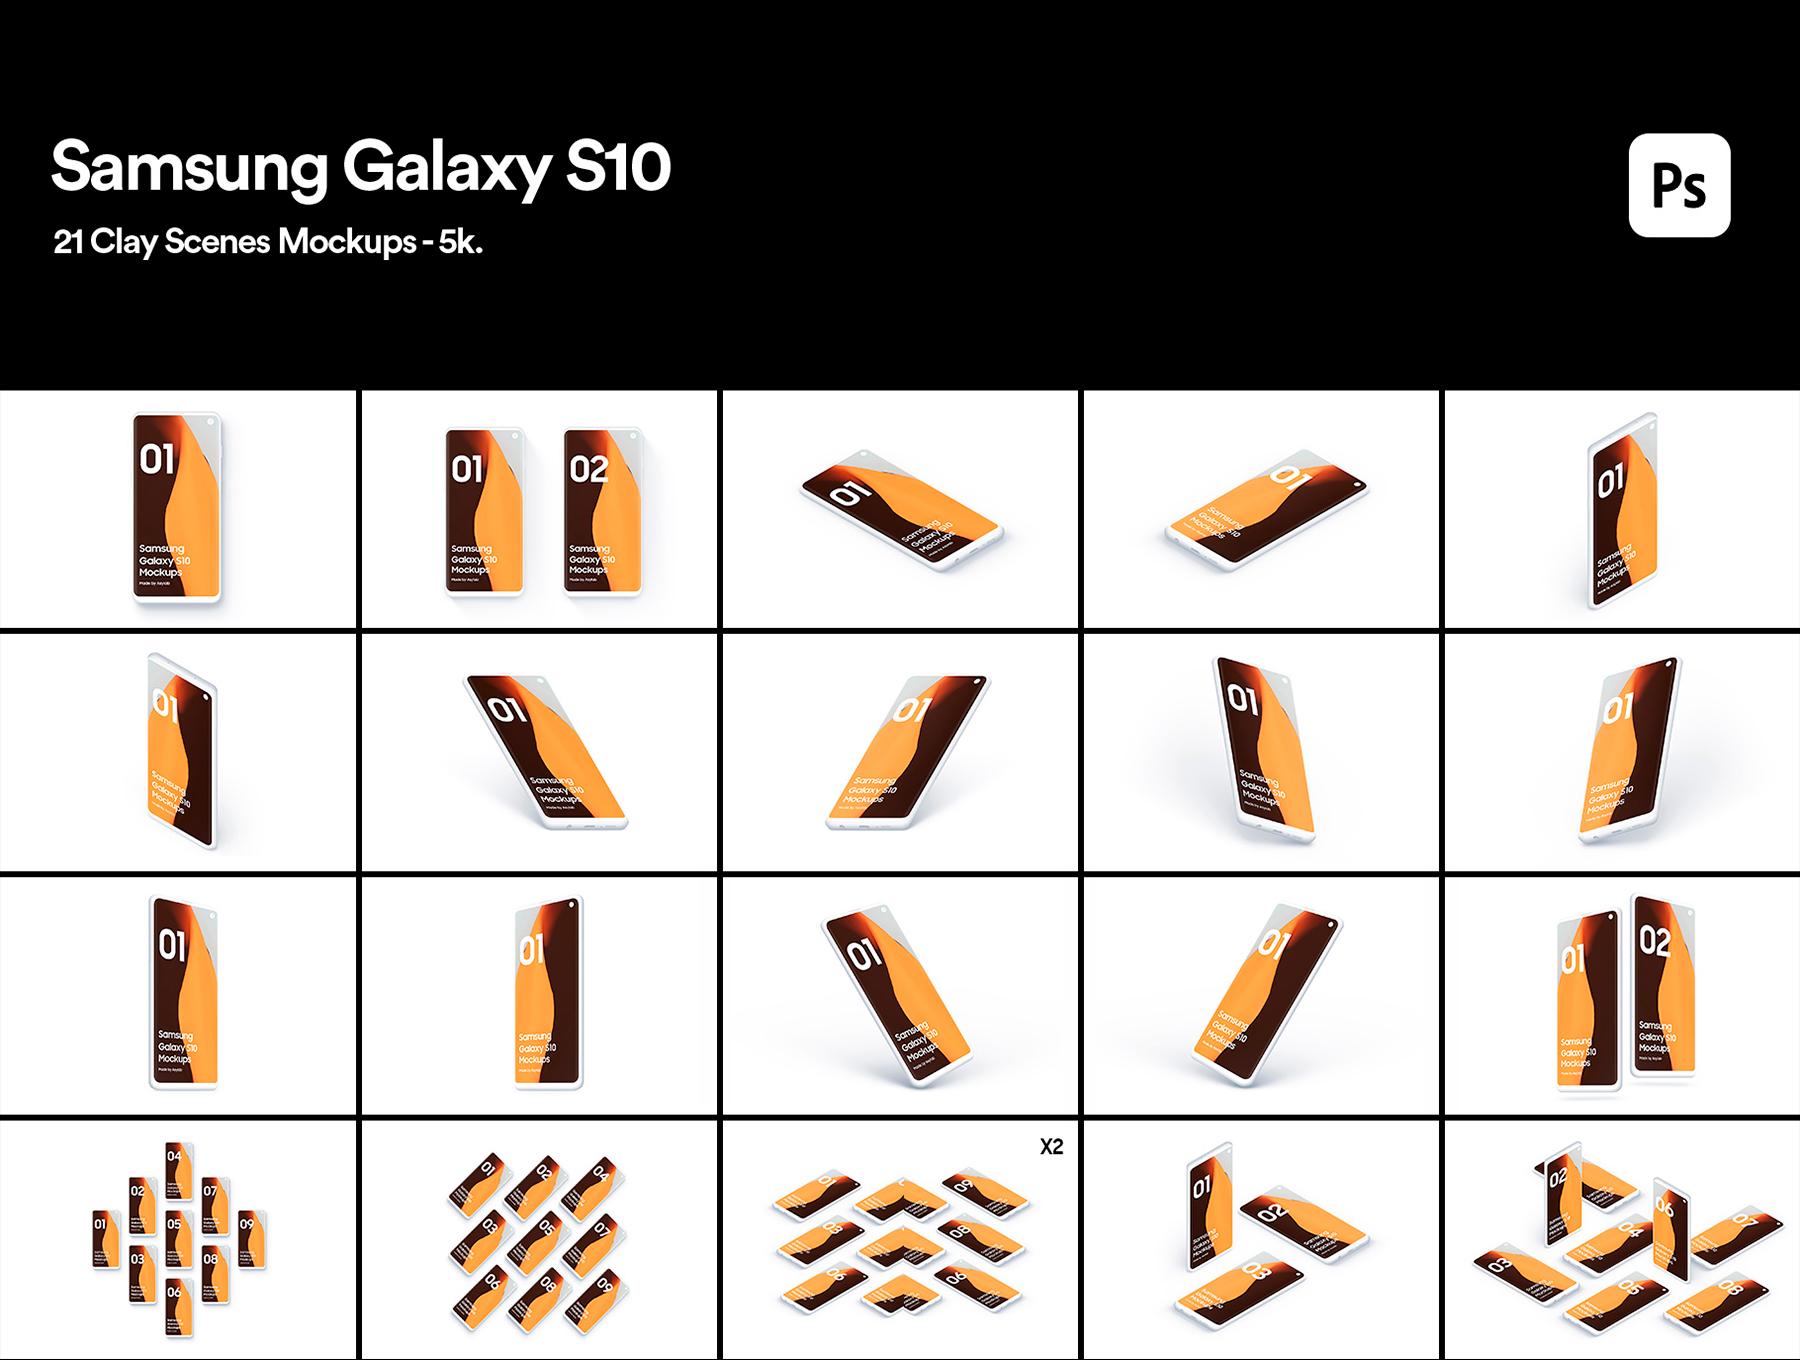 陶瓷质感三星Galaxy S10智能手机样机模板 Samsung Galaxy S10 – 21 Clay Mockups插图(1)